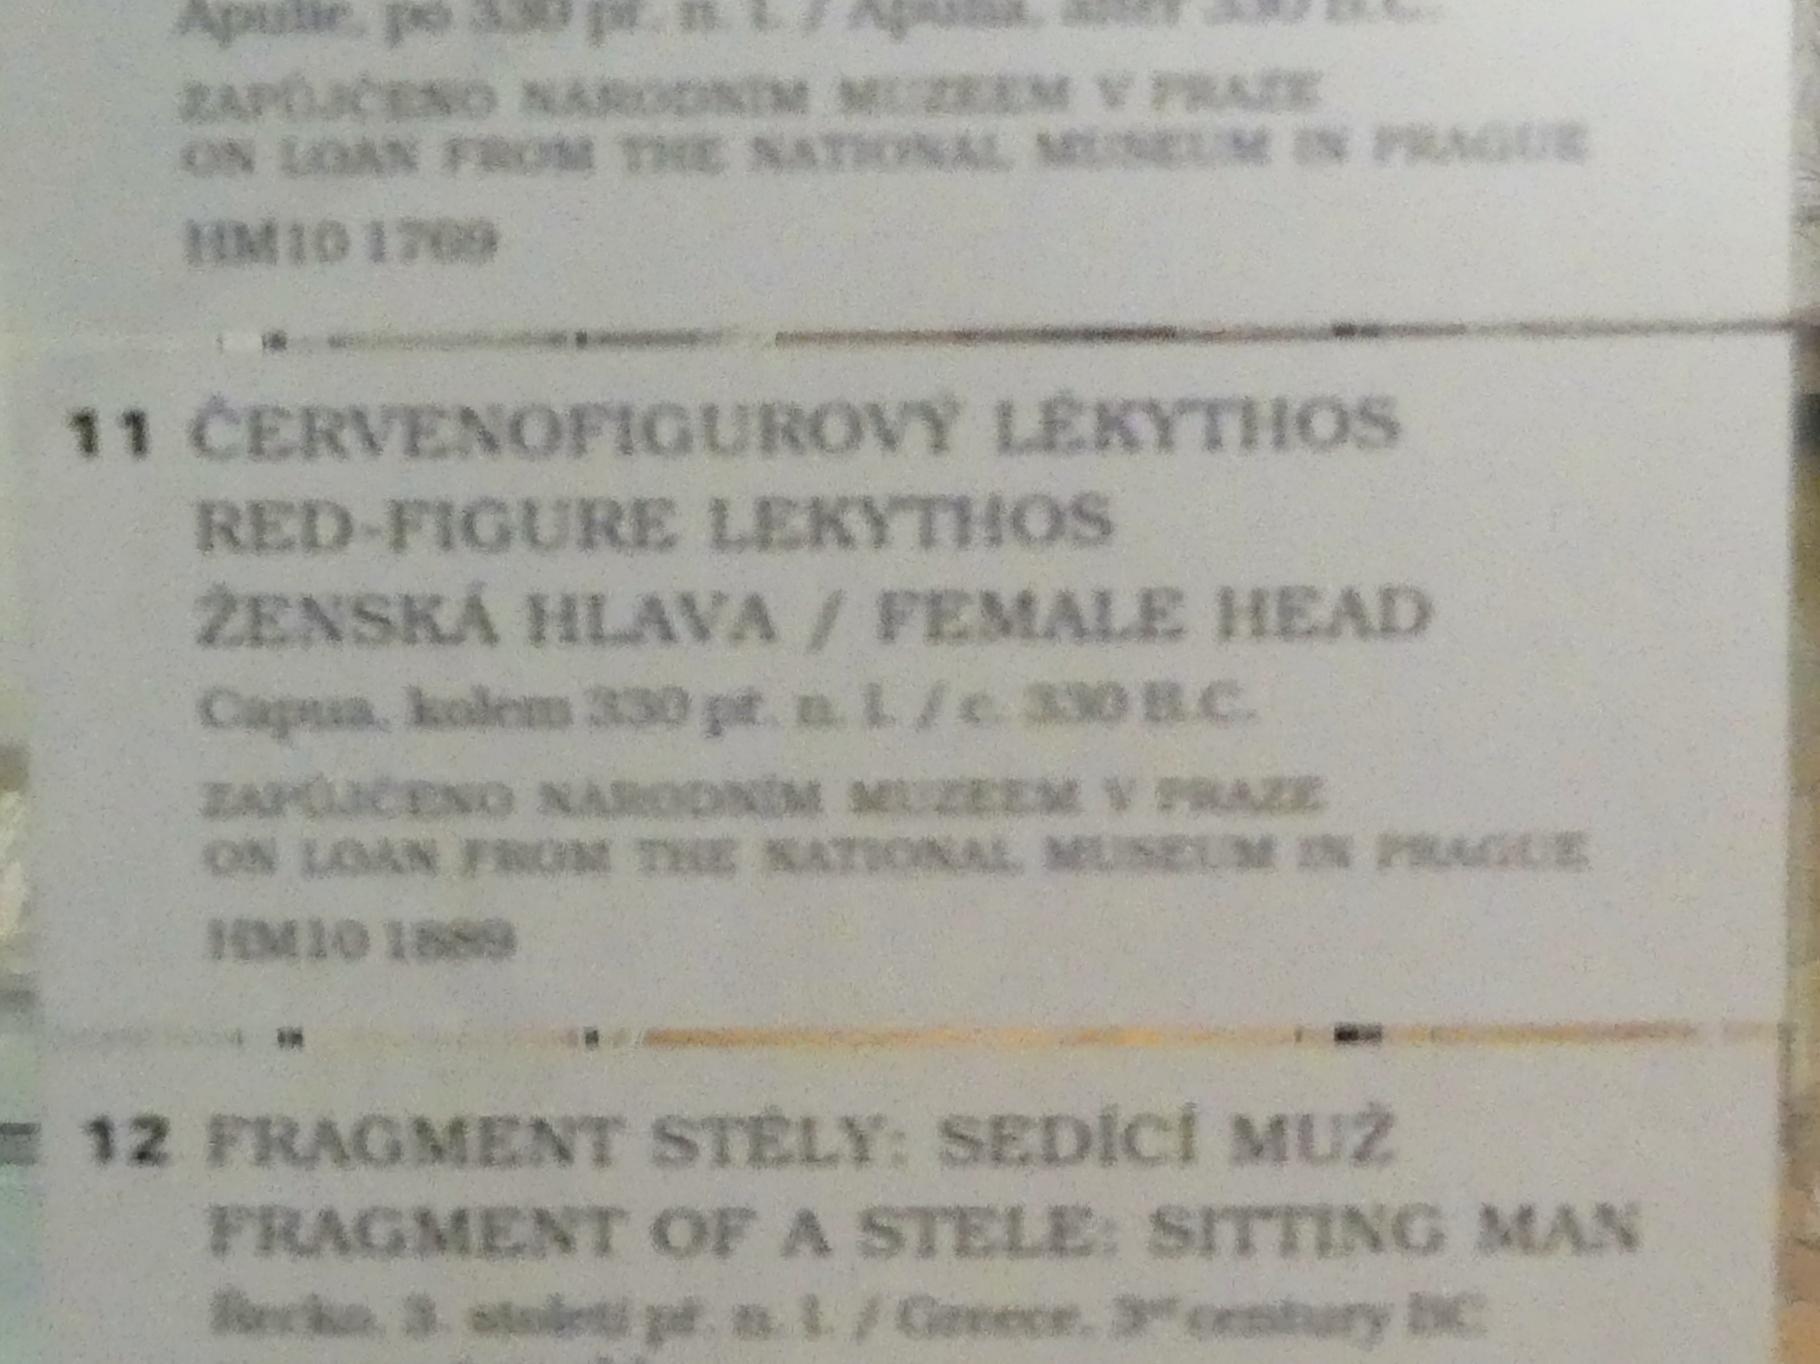 Rotfigurige Lekythos: Weiblicher Kopf, um 330 v. Chr., Bild 2/2